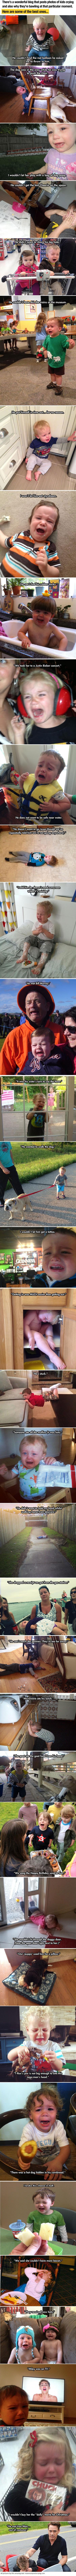 huil maar lekker kleine vriend